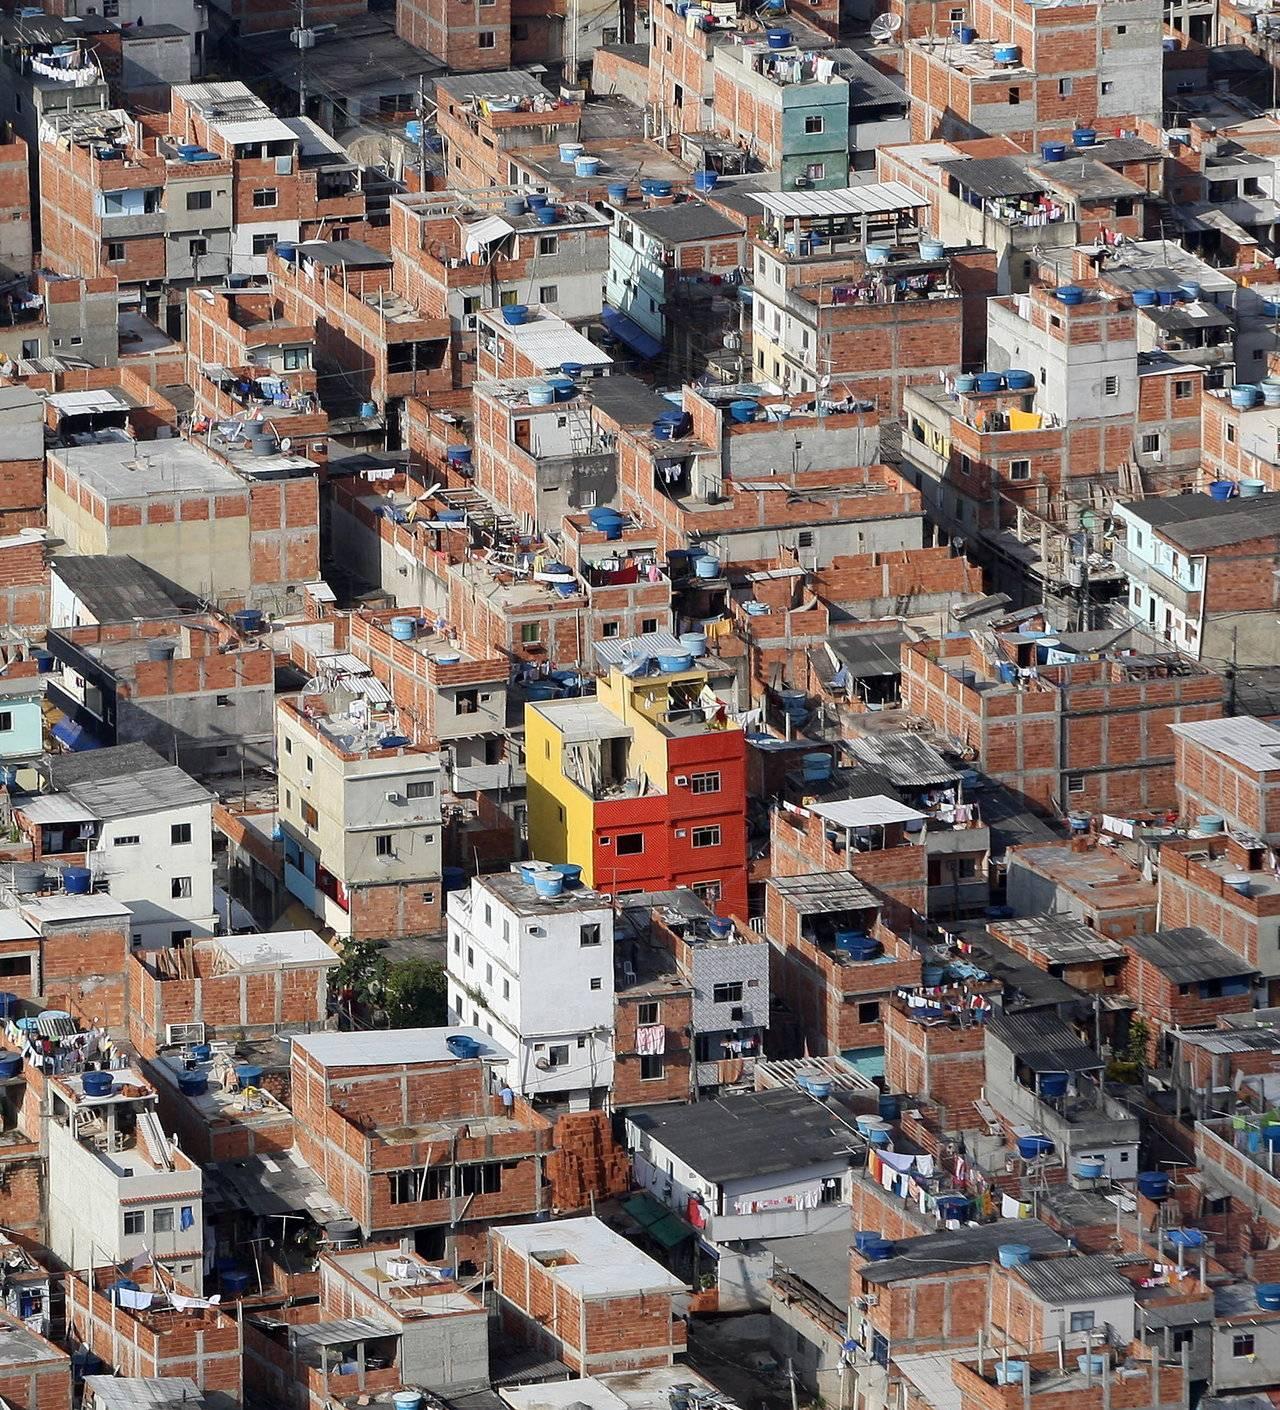 Vista aérea da favela de Rio das Pedras, no Rio de Janeiro. | va/se/VANDERLEI ALMEIDA